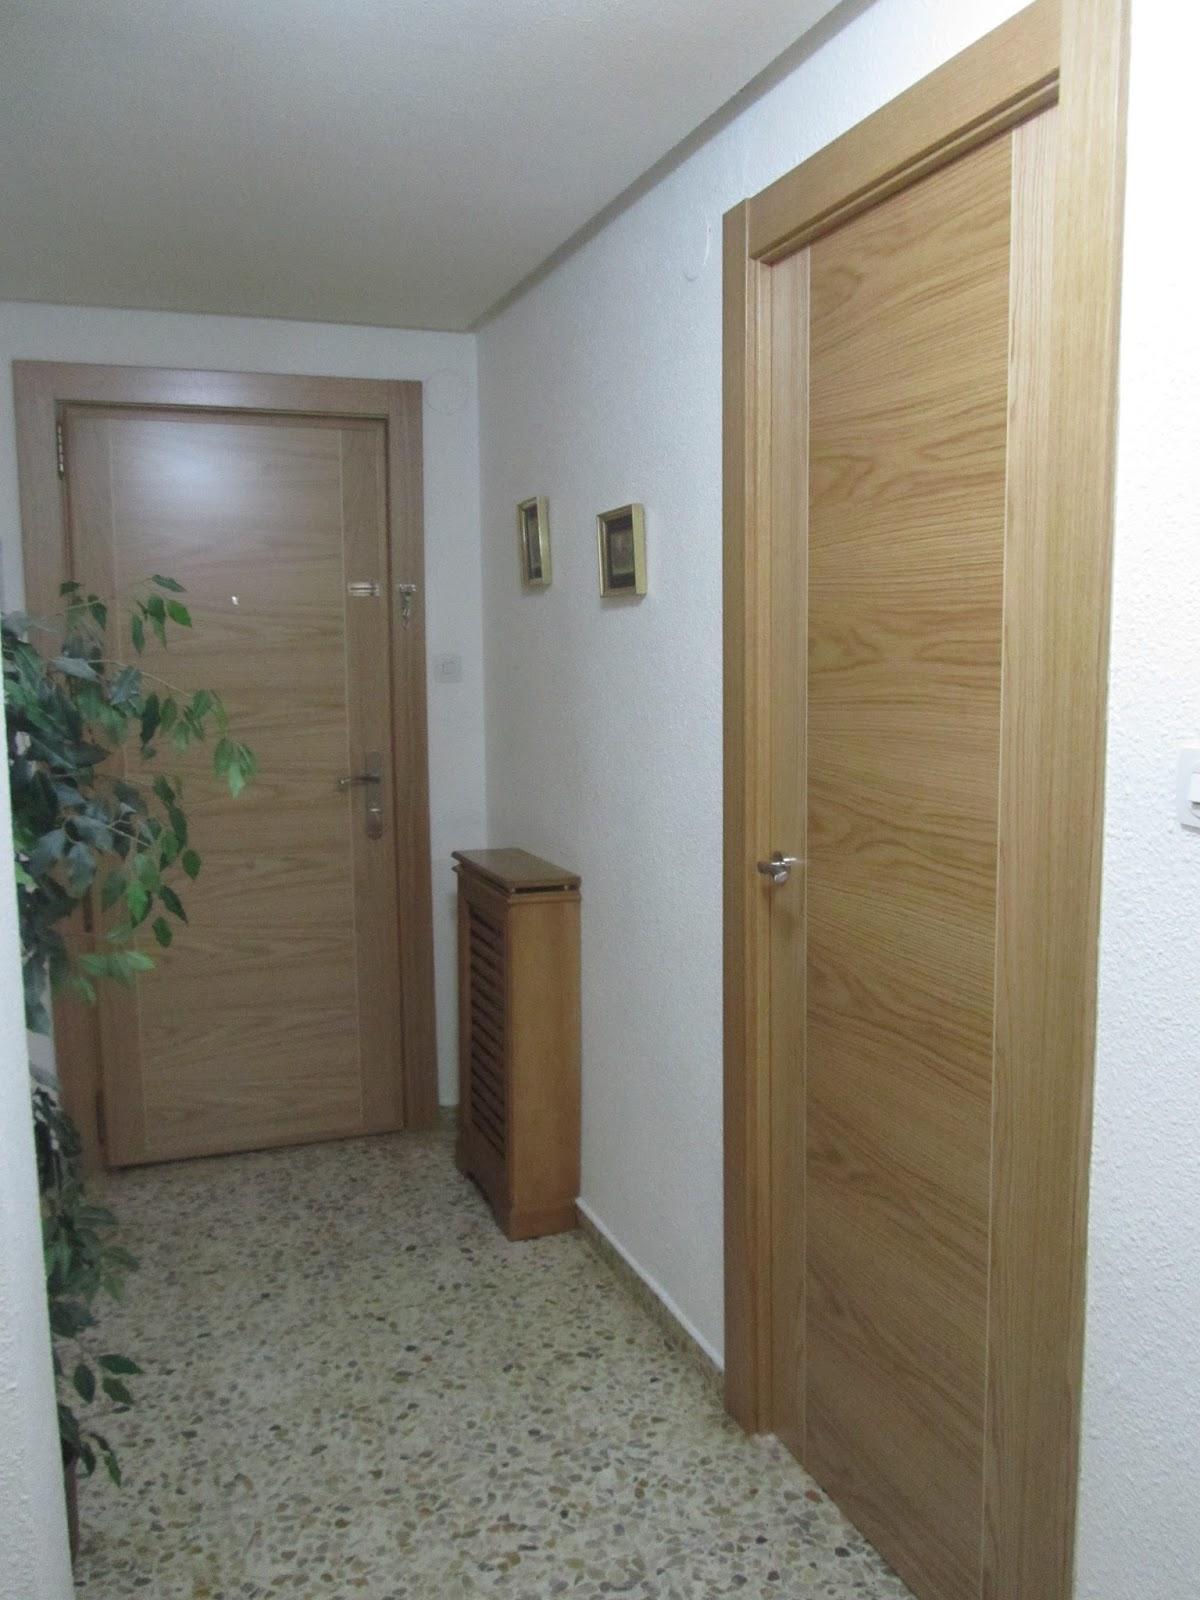 Puertas lozano reforma vivienda puertas de interior for Puertas para vivienda